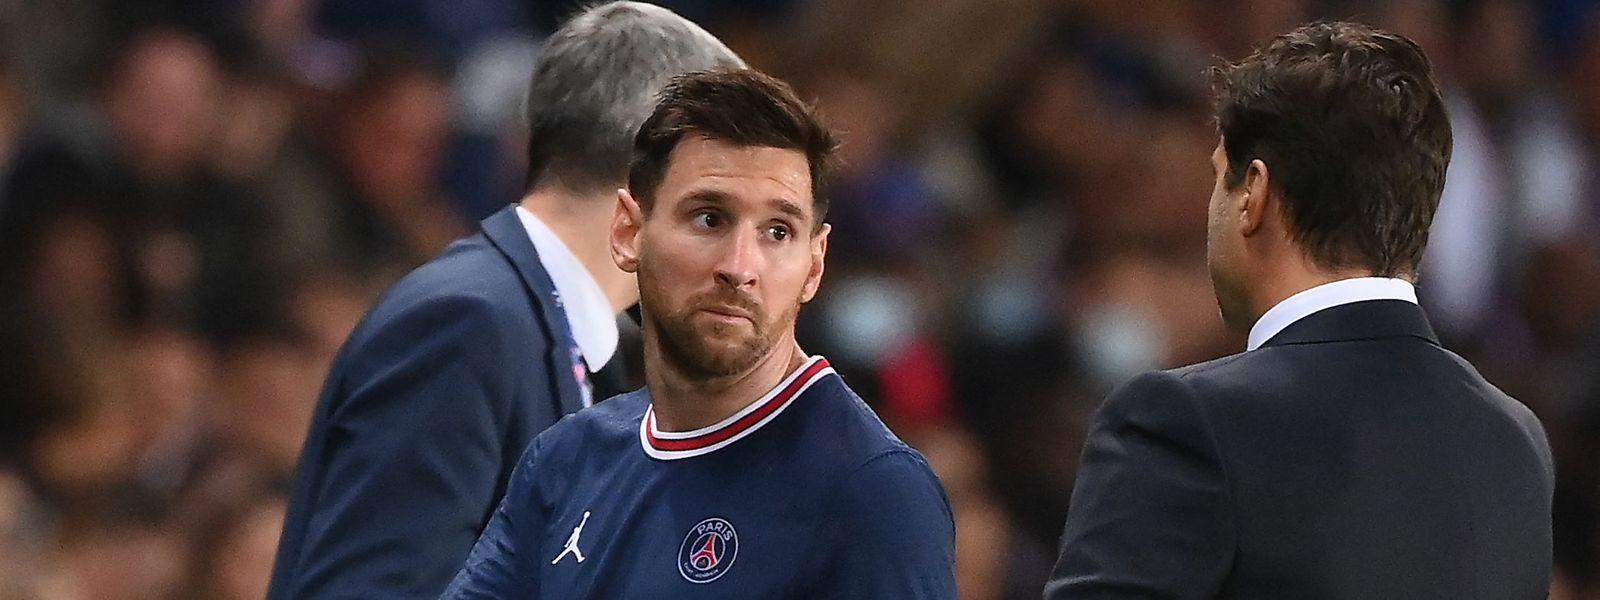 Lionel Messi war nach seiner Auswechslung gegen Lyon sauer auf Trainer Mauricio Pochettino (r.).